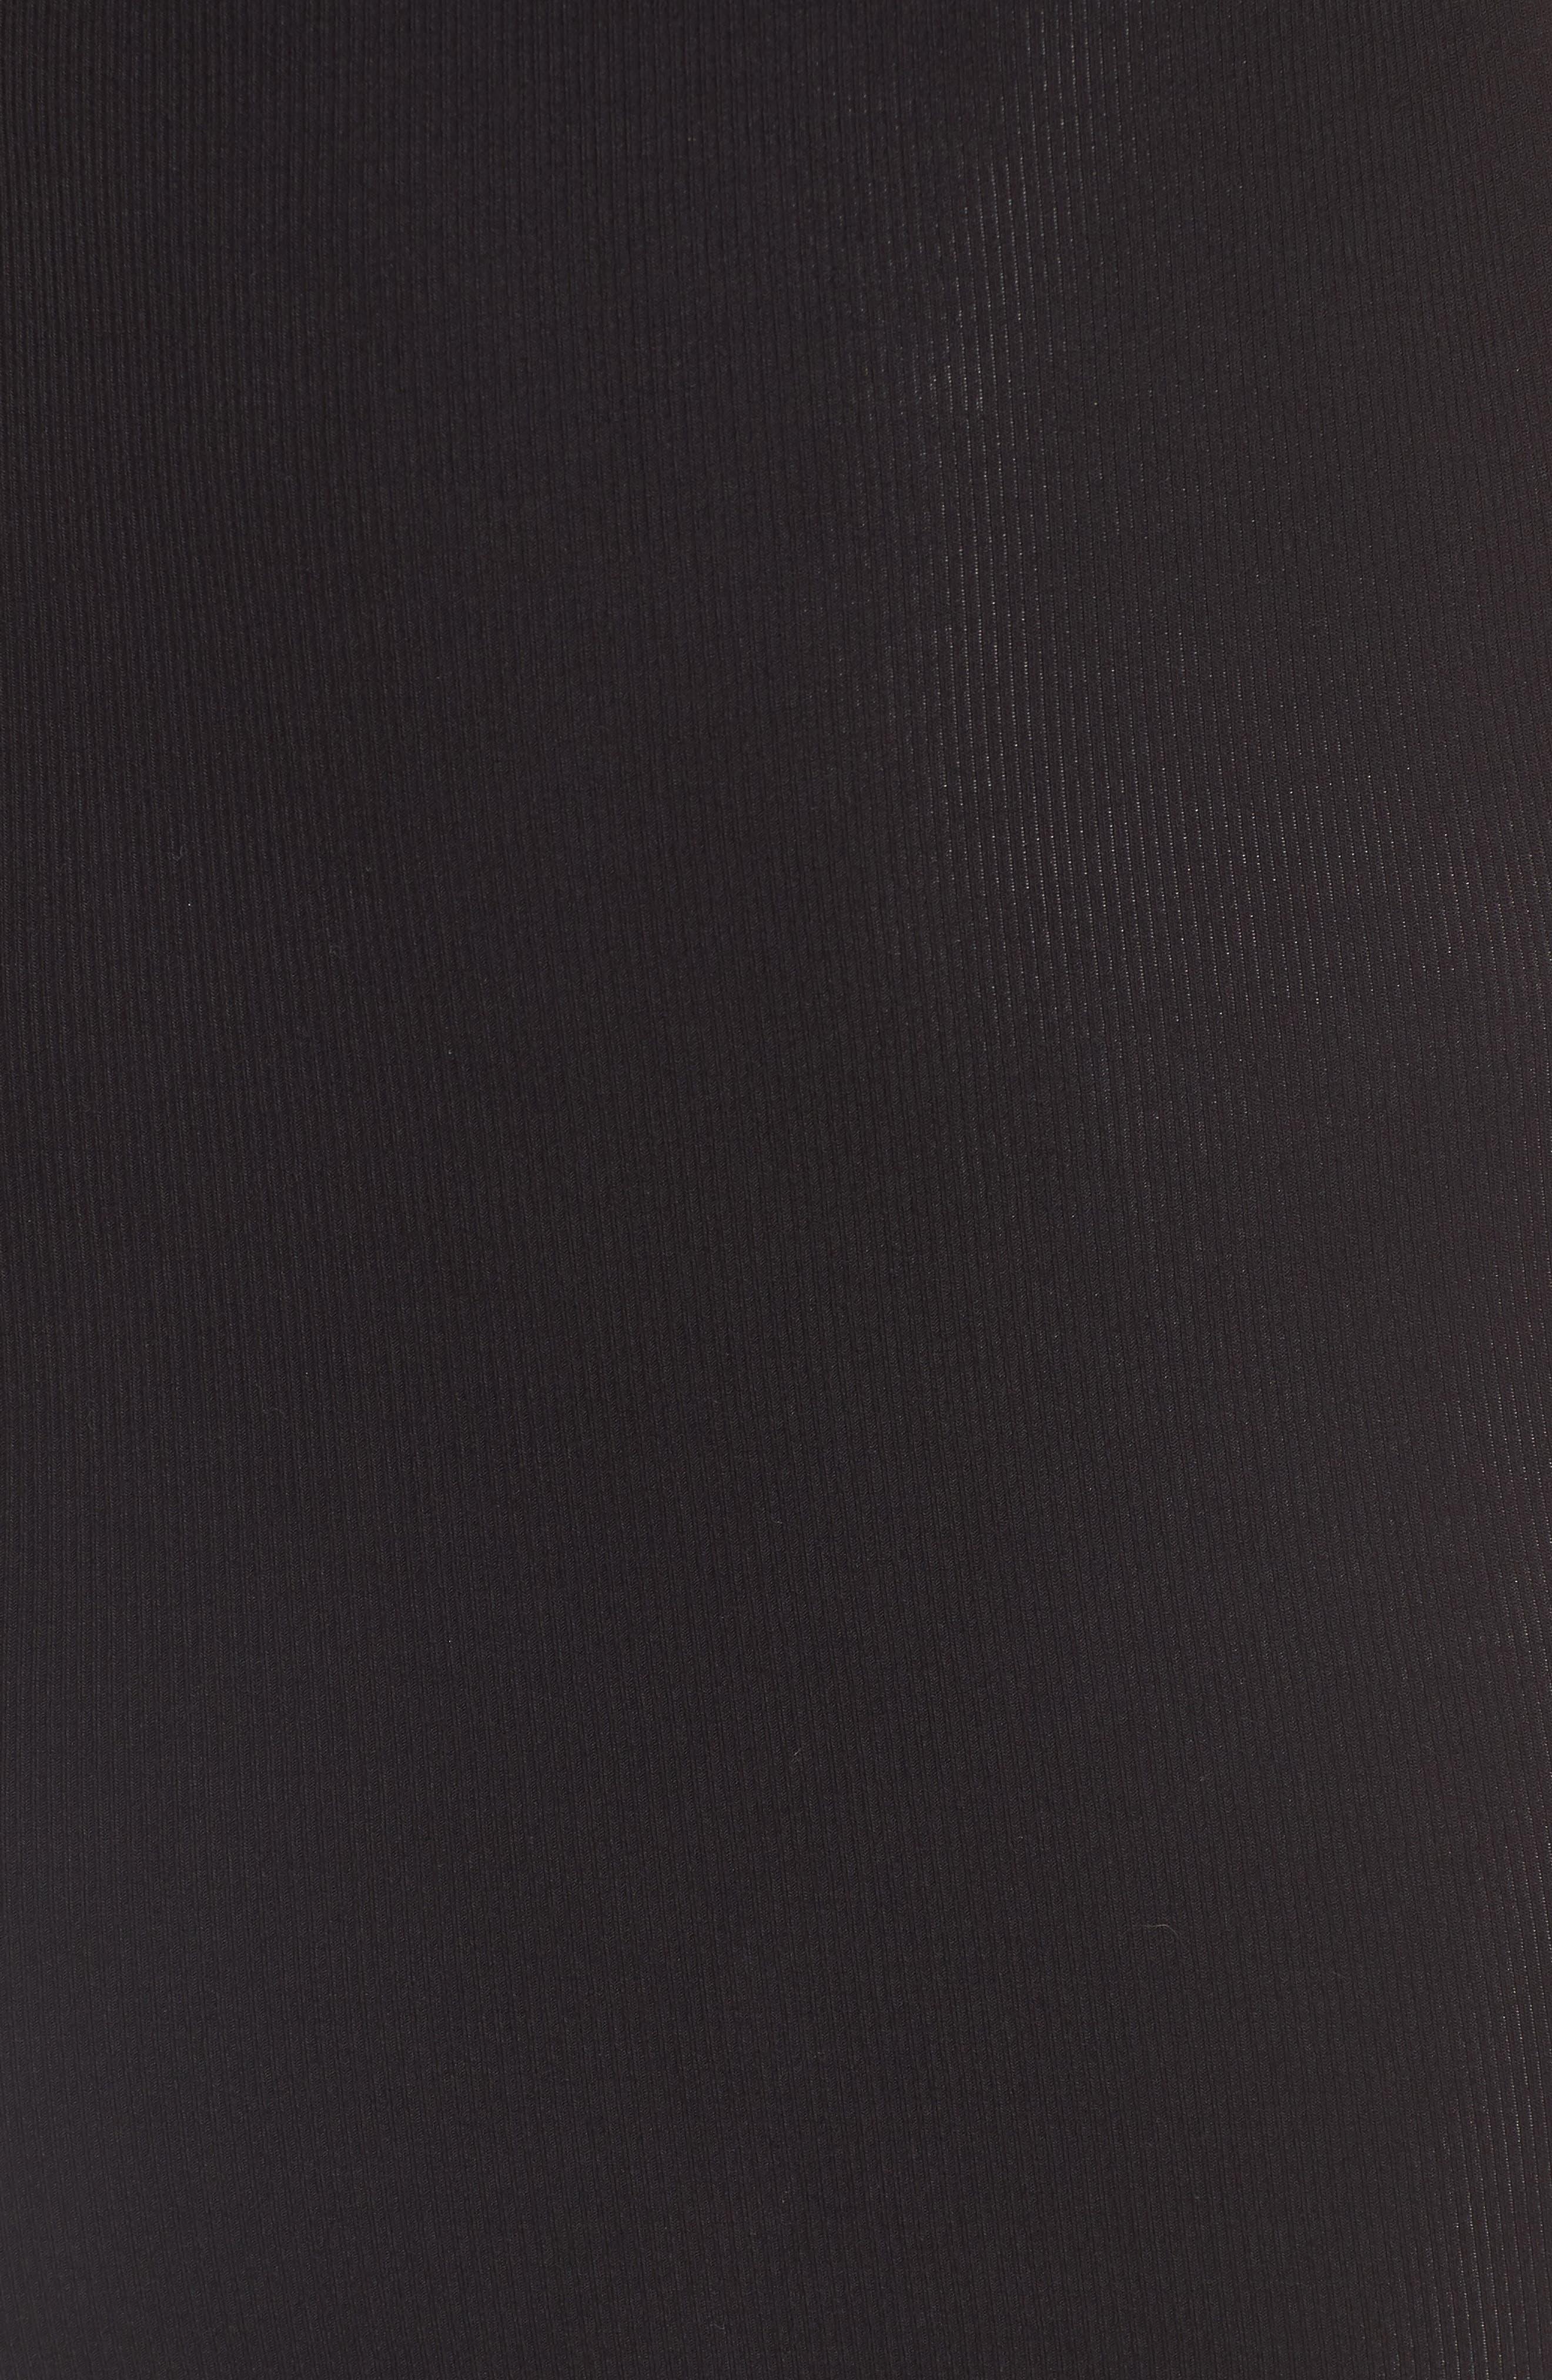 Lace Hem Tank Dress,                             Alternate thumbnail 5, color,                             Black